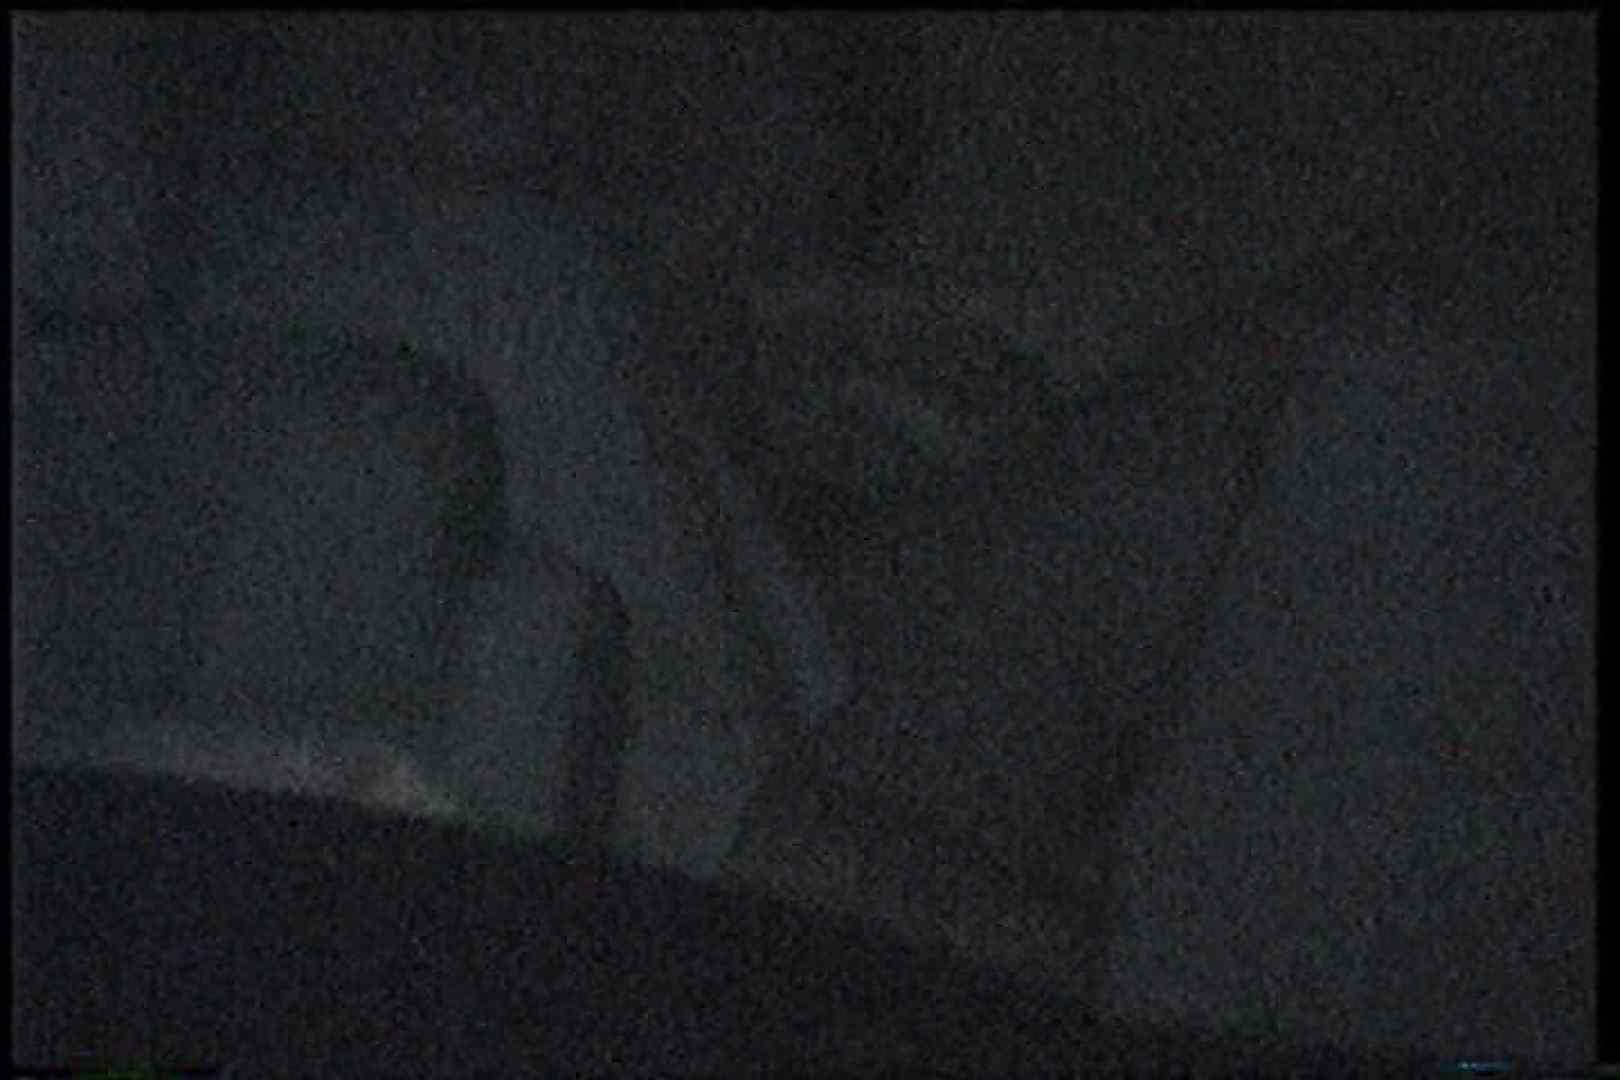 充血監督の深夜の運動会Vol.181 OLセックス 盗撮オマンコ無修正動画無料 84画像 12